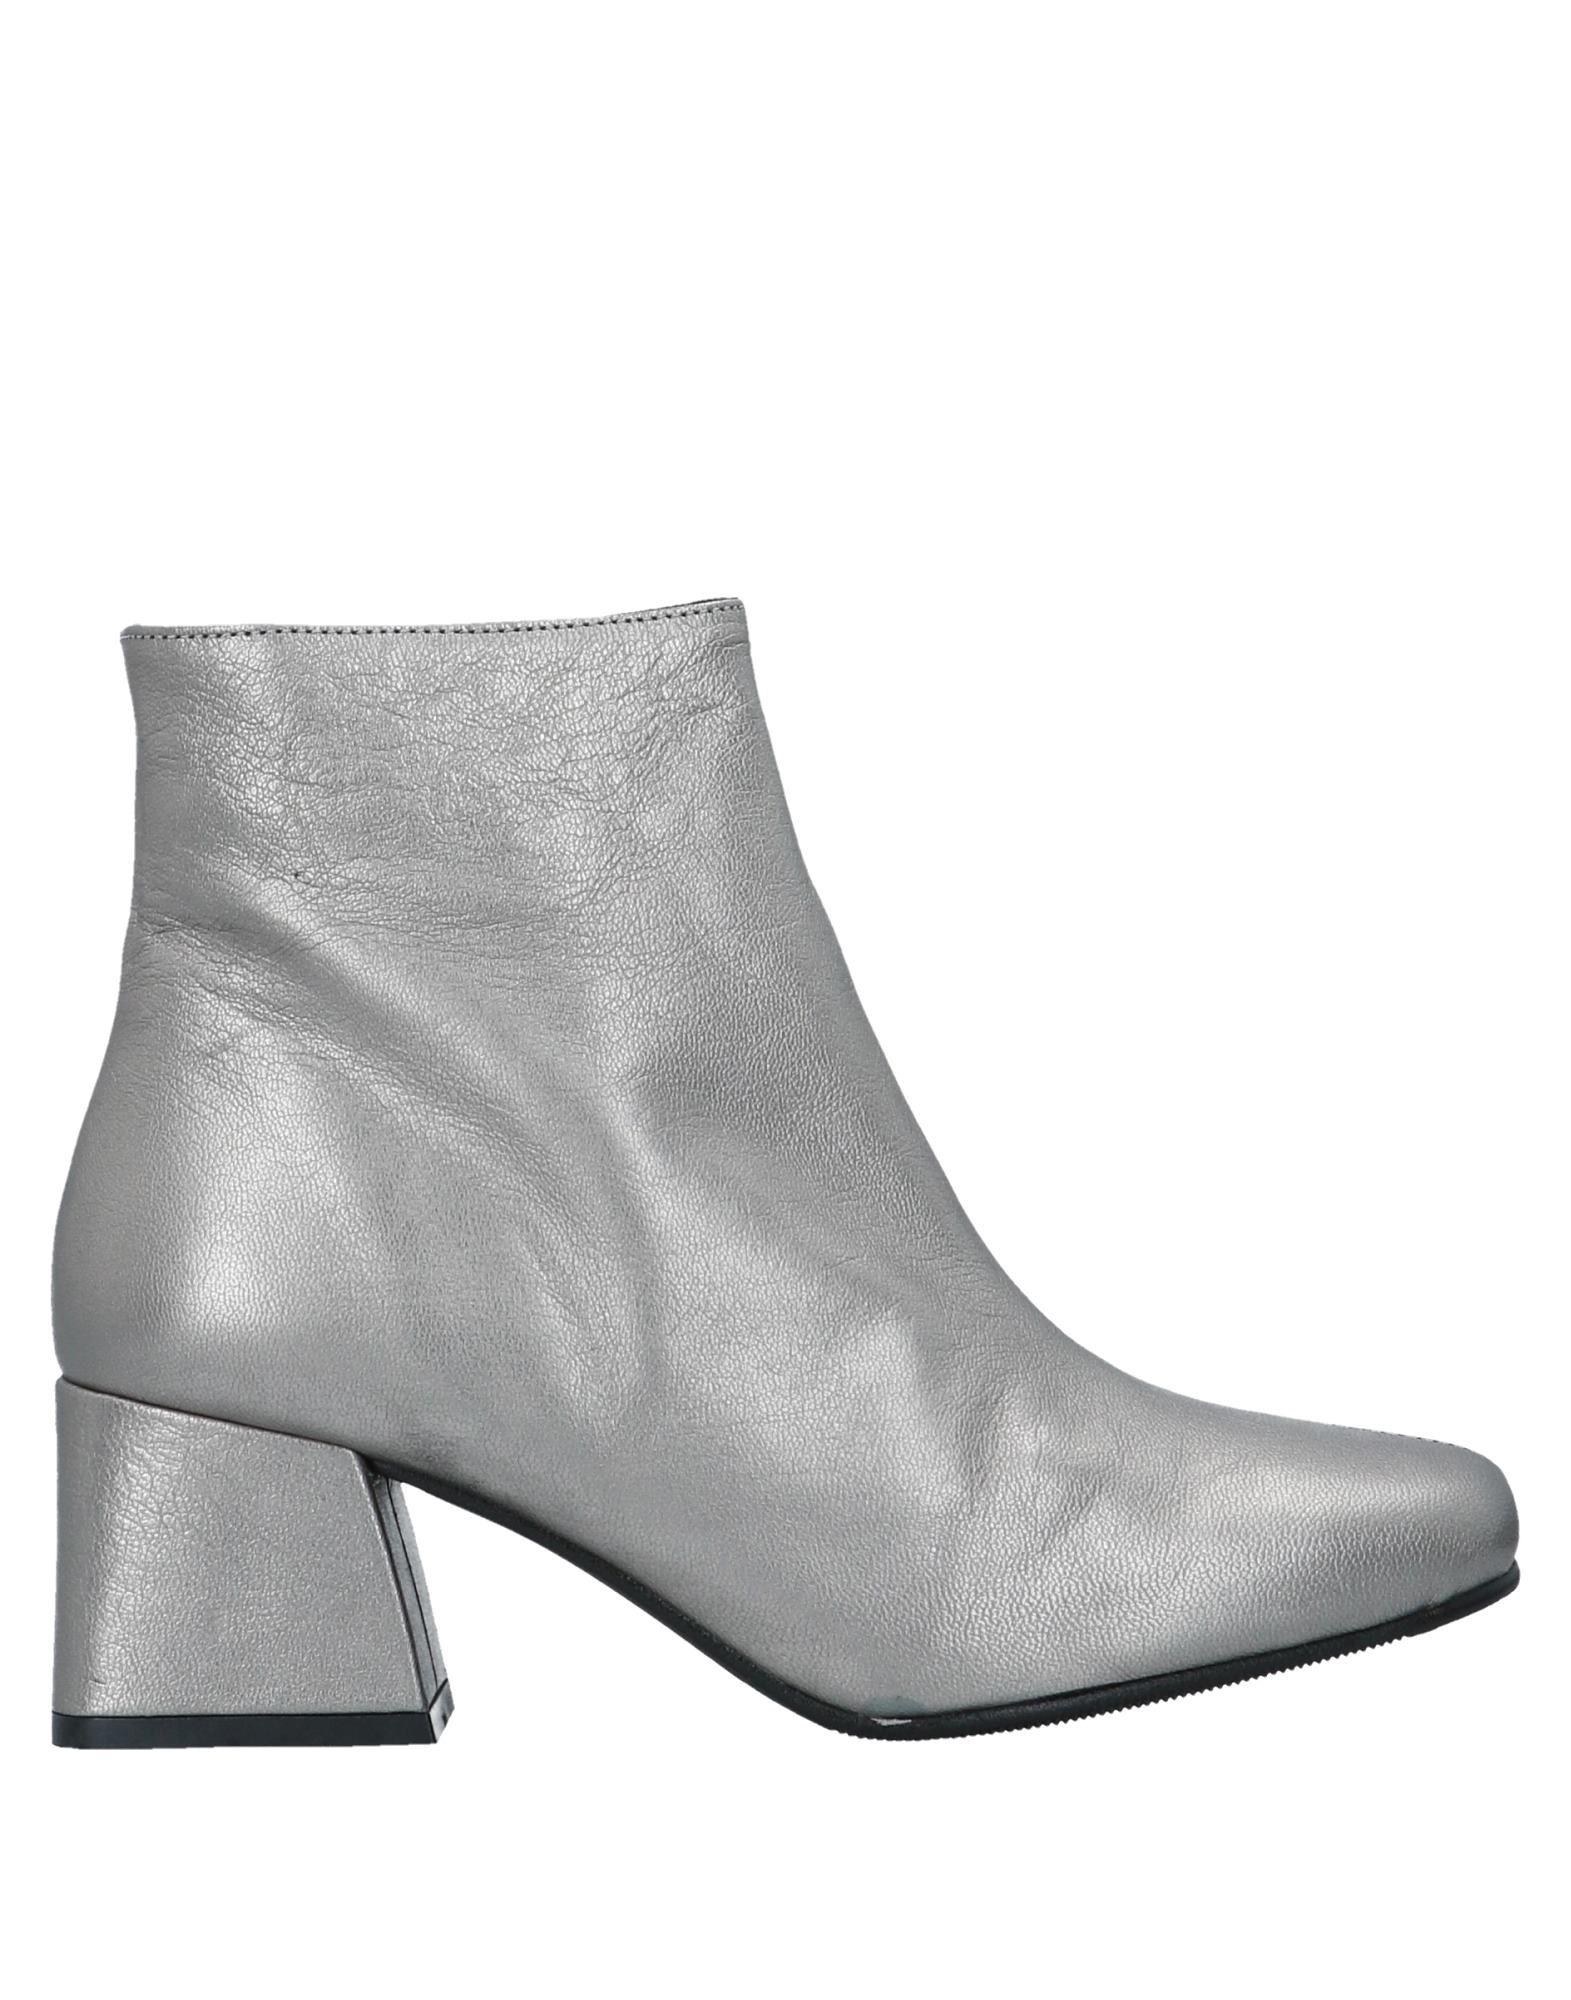 67 Sixtyseven Stiefelette Damen  11542072DR Gute Qualität beliebte Schuhe